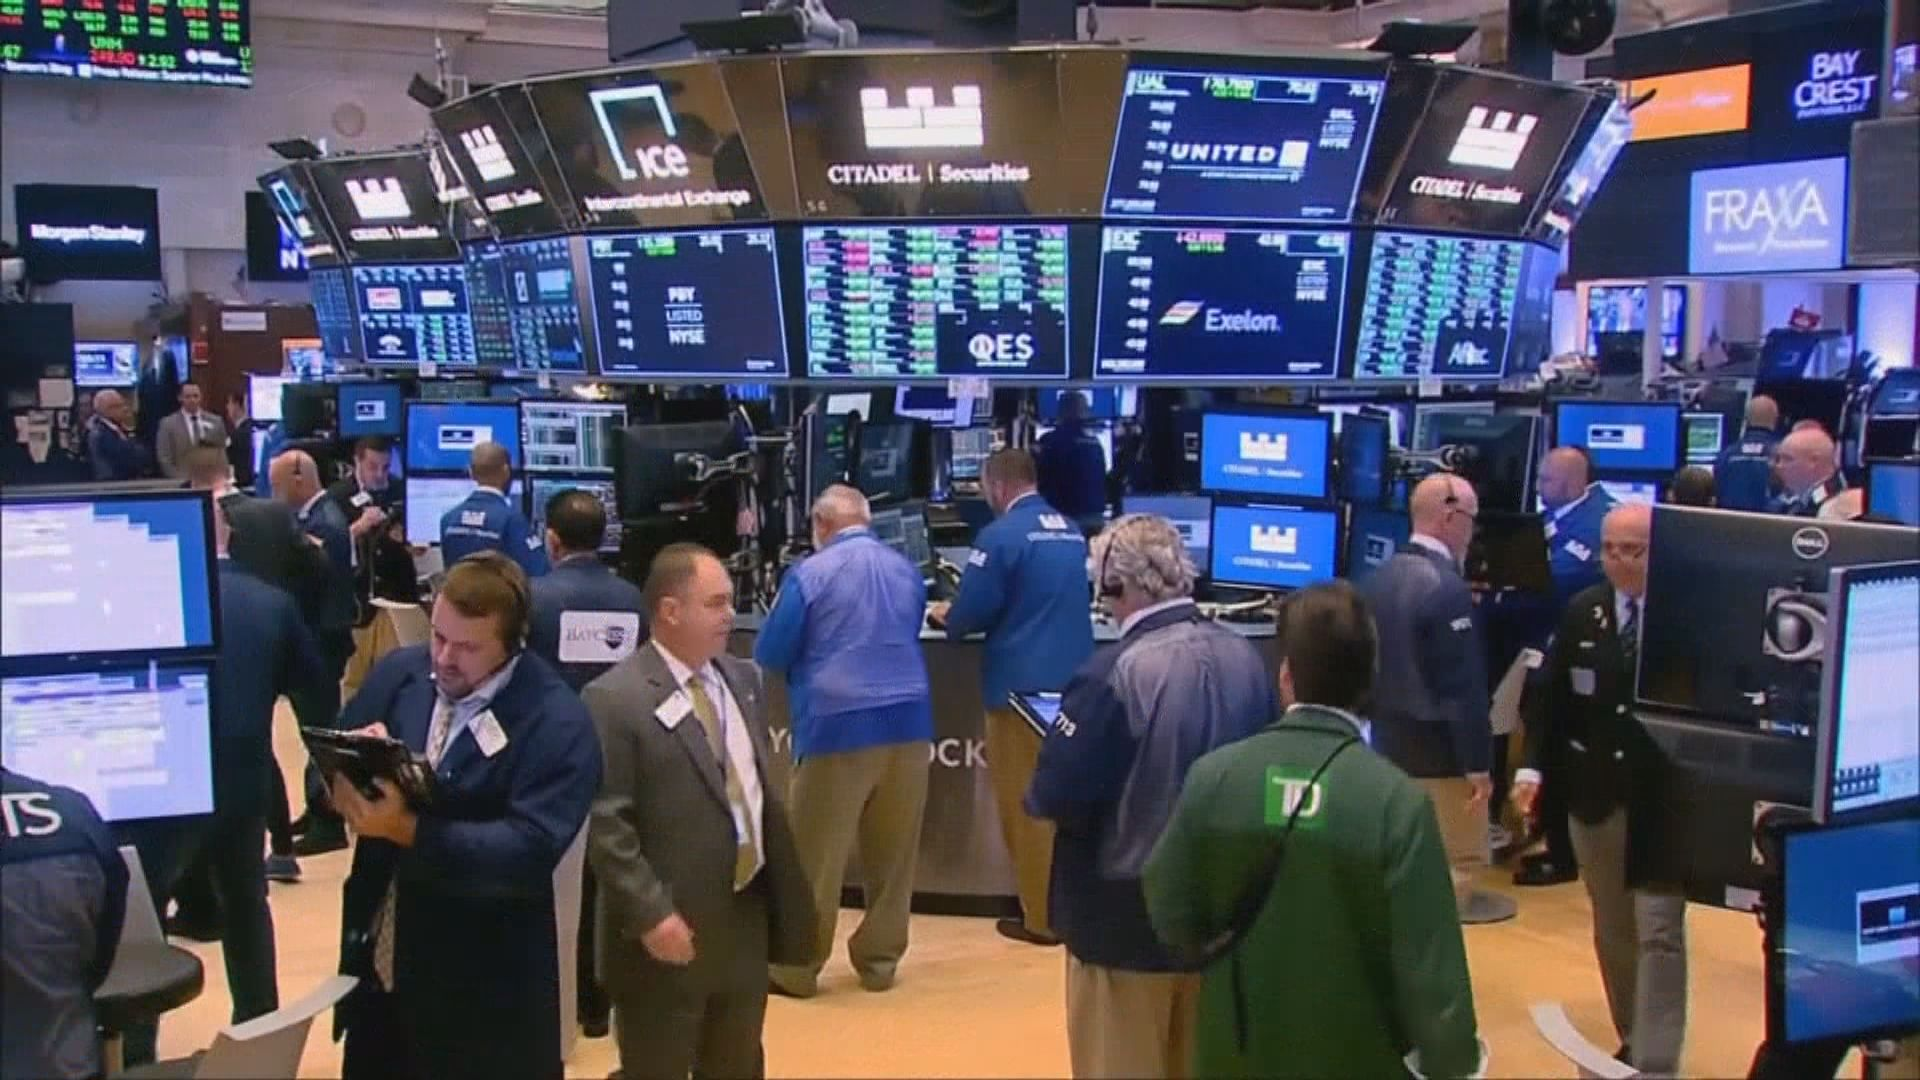 貿易戰憂慮紓緩及企業業績佳 美股3連升